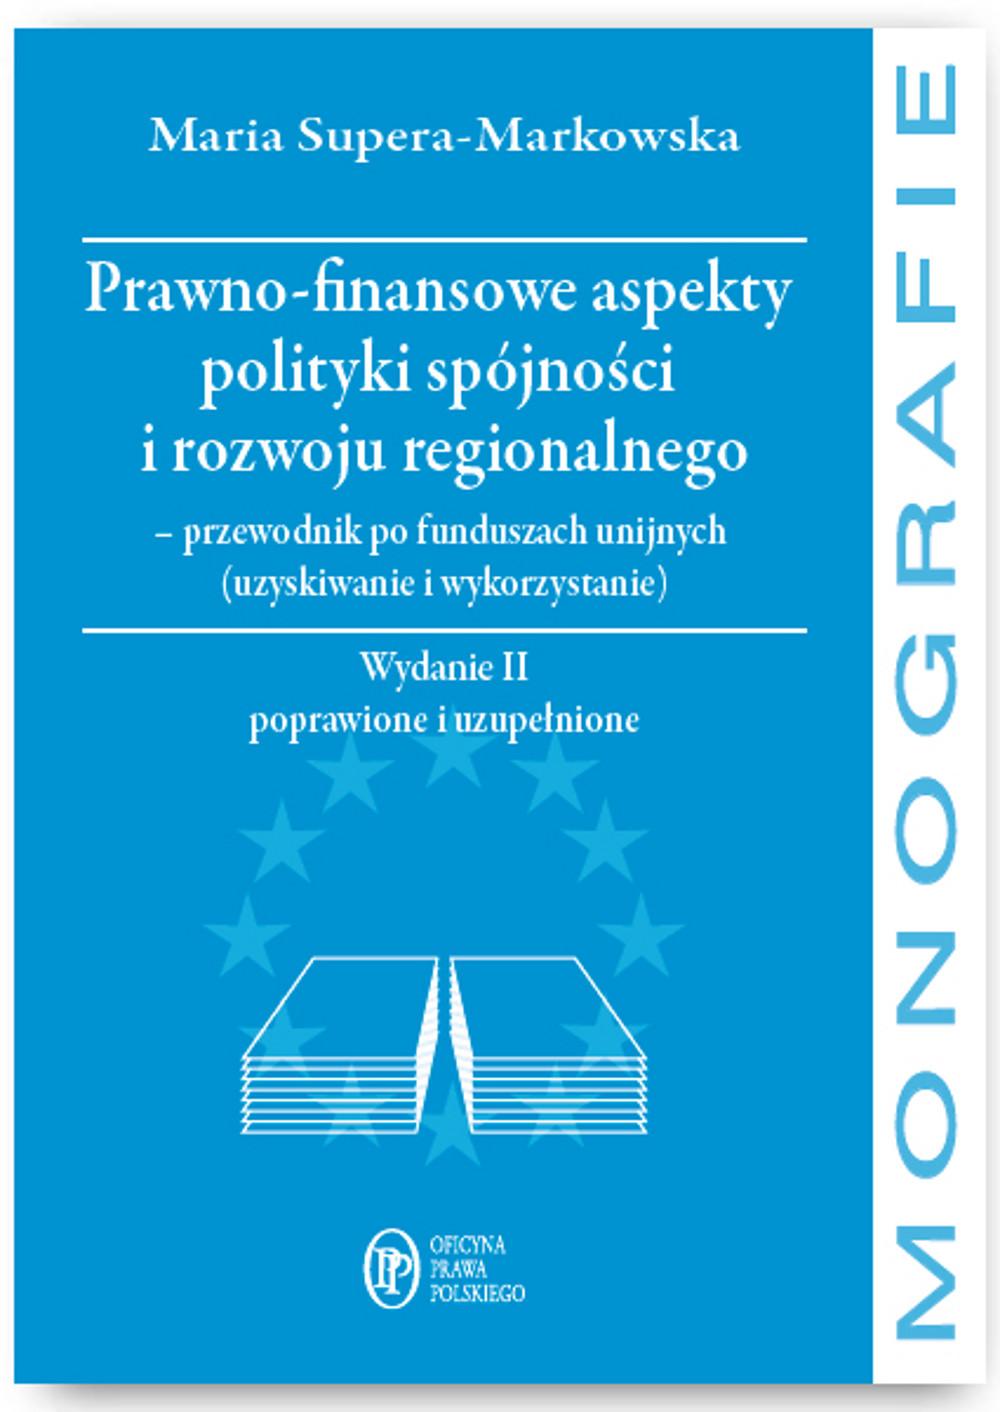 :: Prawno-finansowe aspekty polityki spójności i rozwoju regionalnego - ebook - pobierz e-book ::